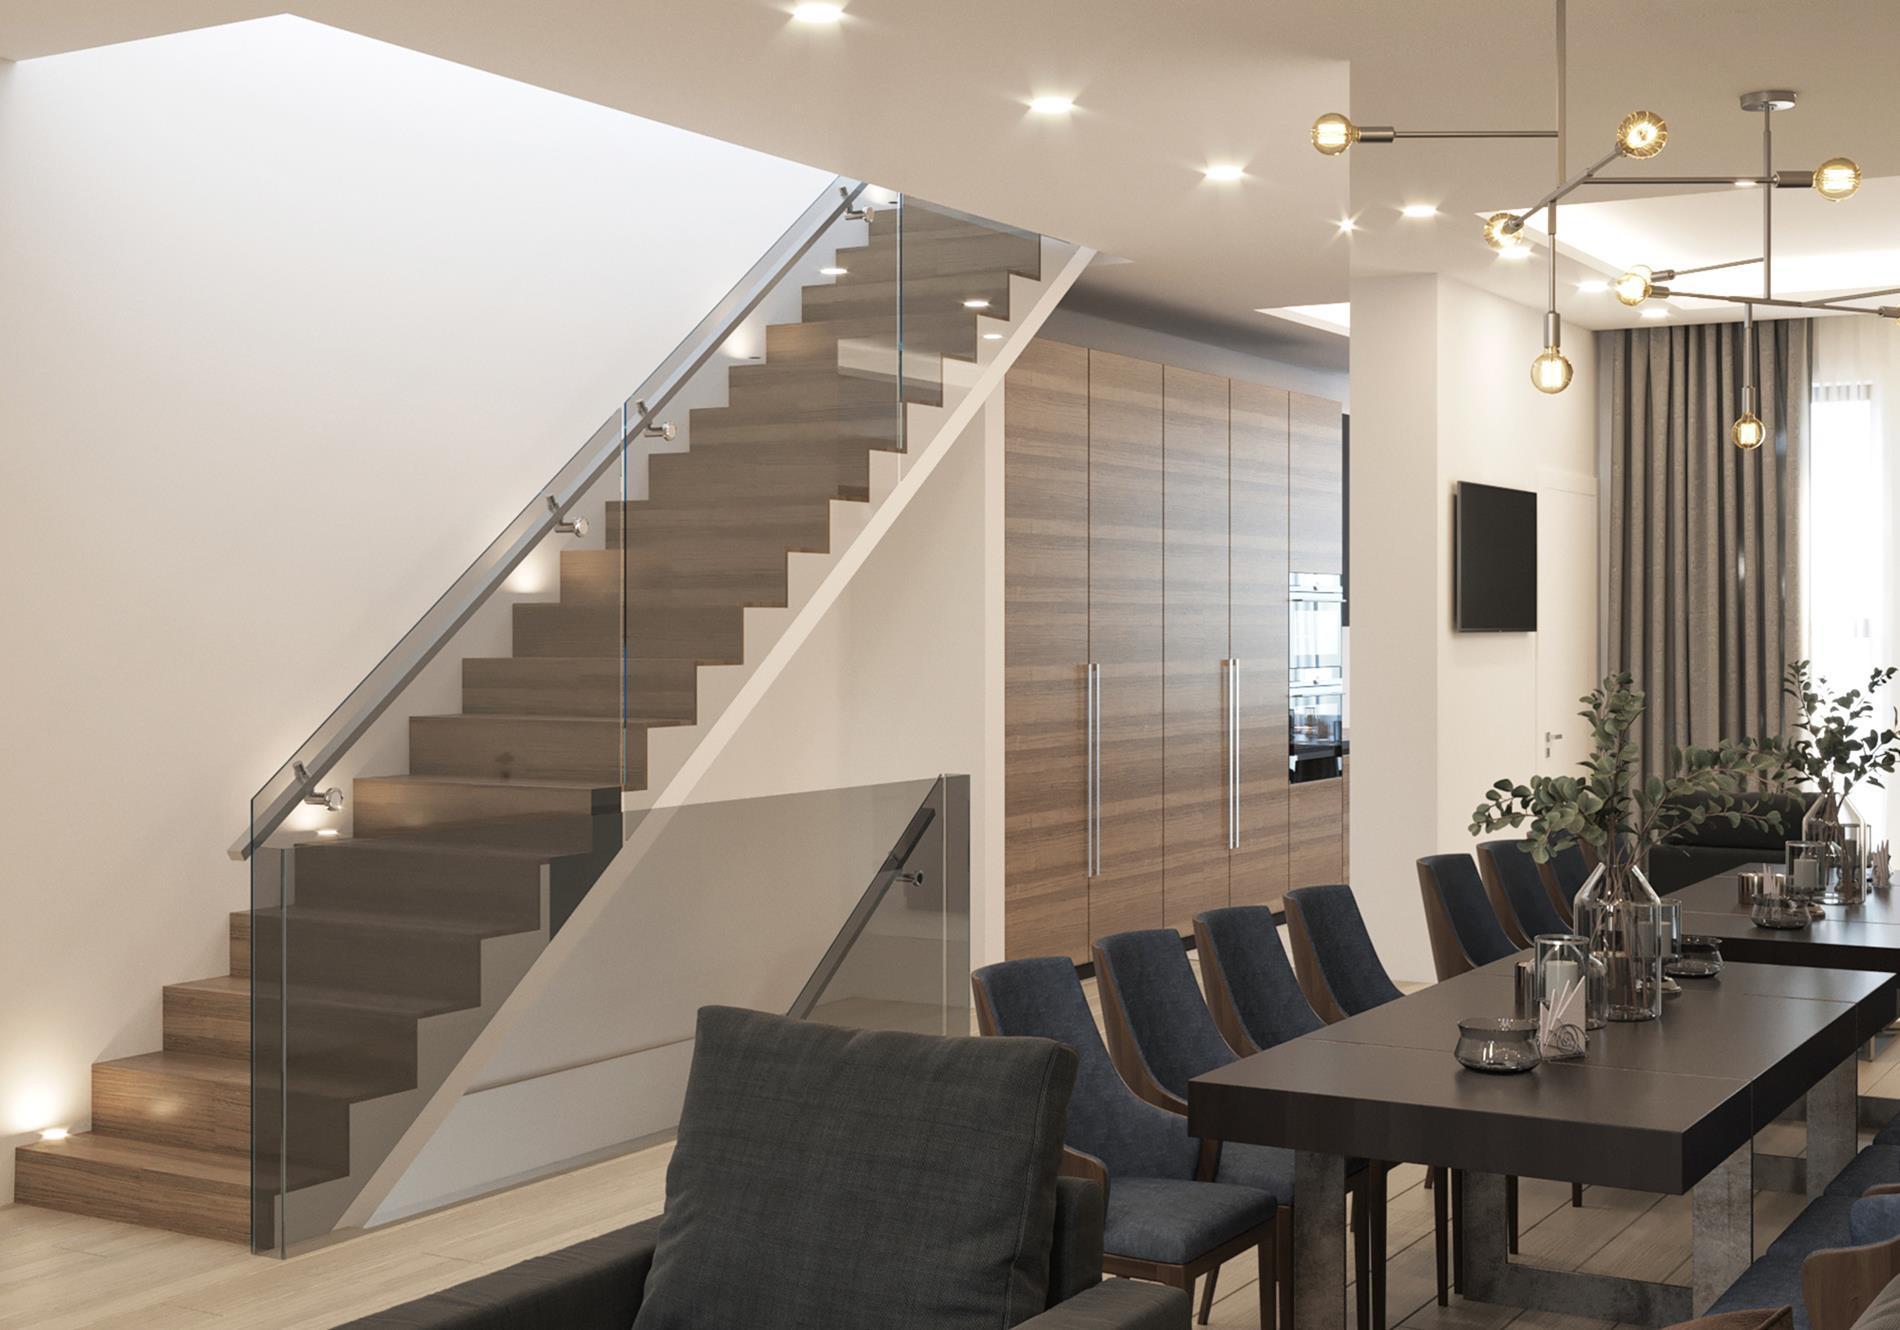 Upper West Side Real Estate Market Update With Elliot Bogod